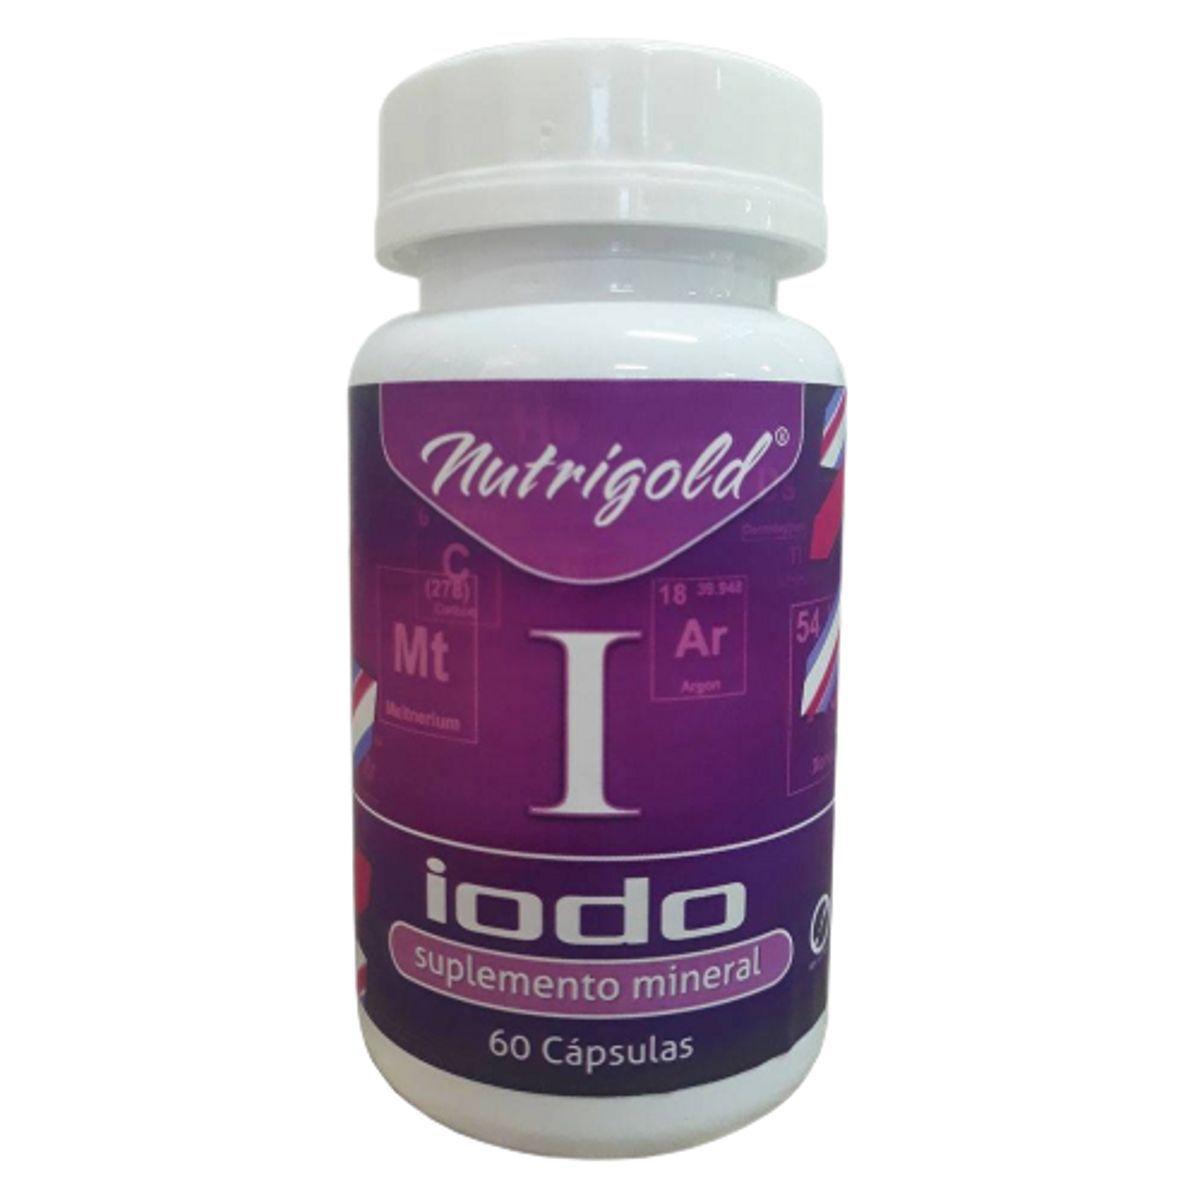 Iodo inorgânico - Lugol em Cápsulas 60 Caps 650 mg